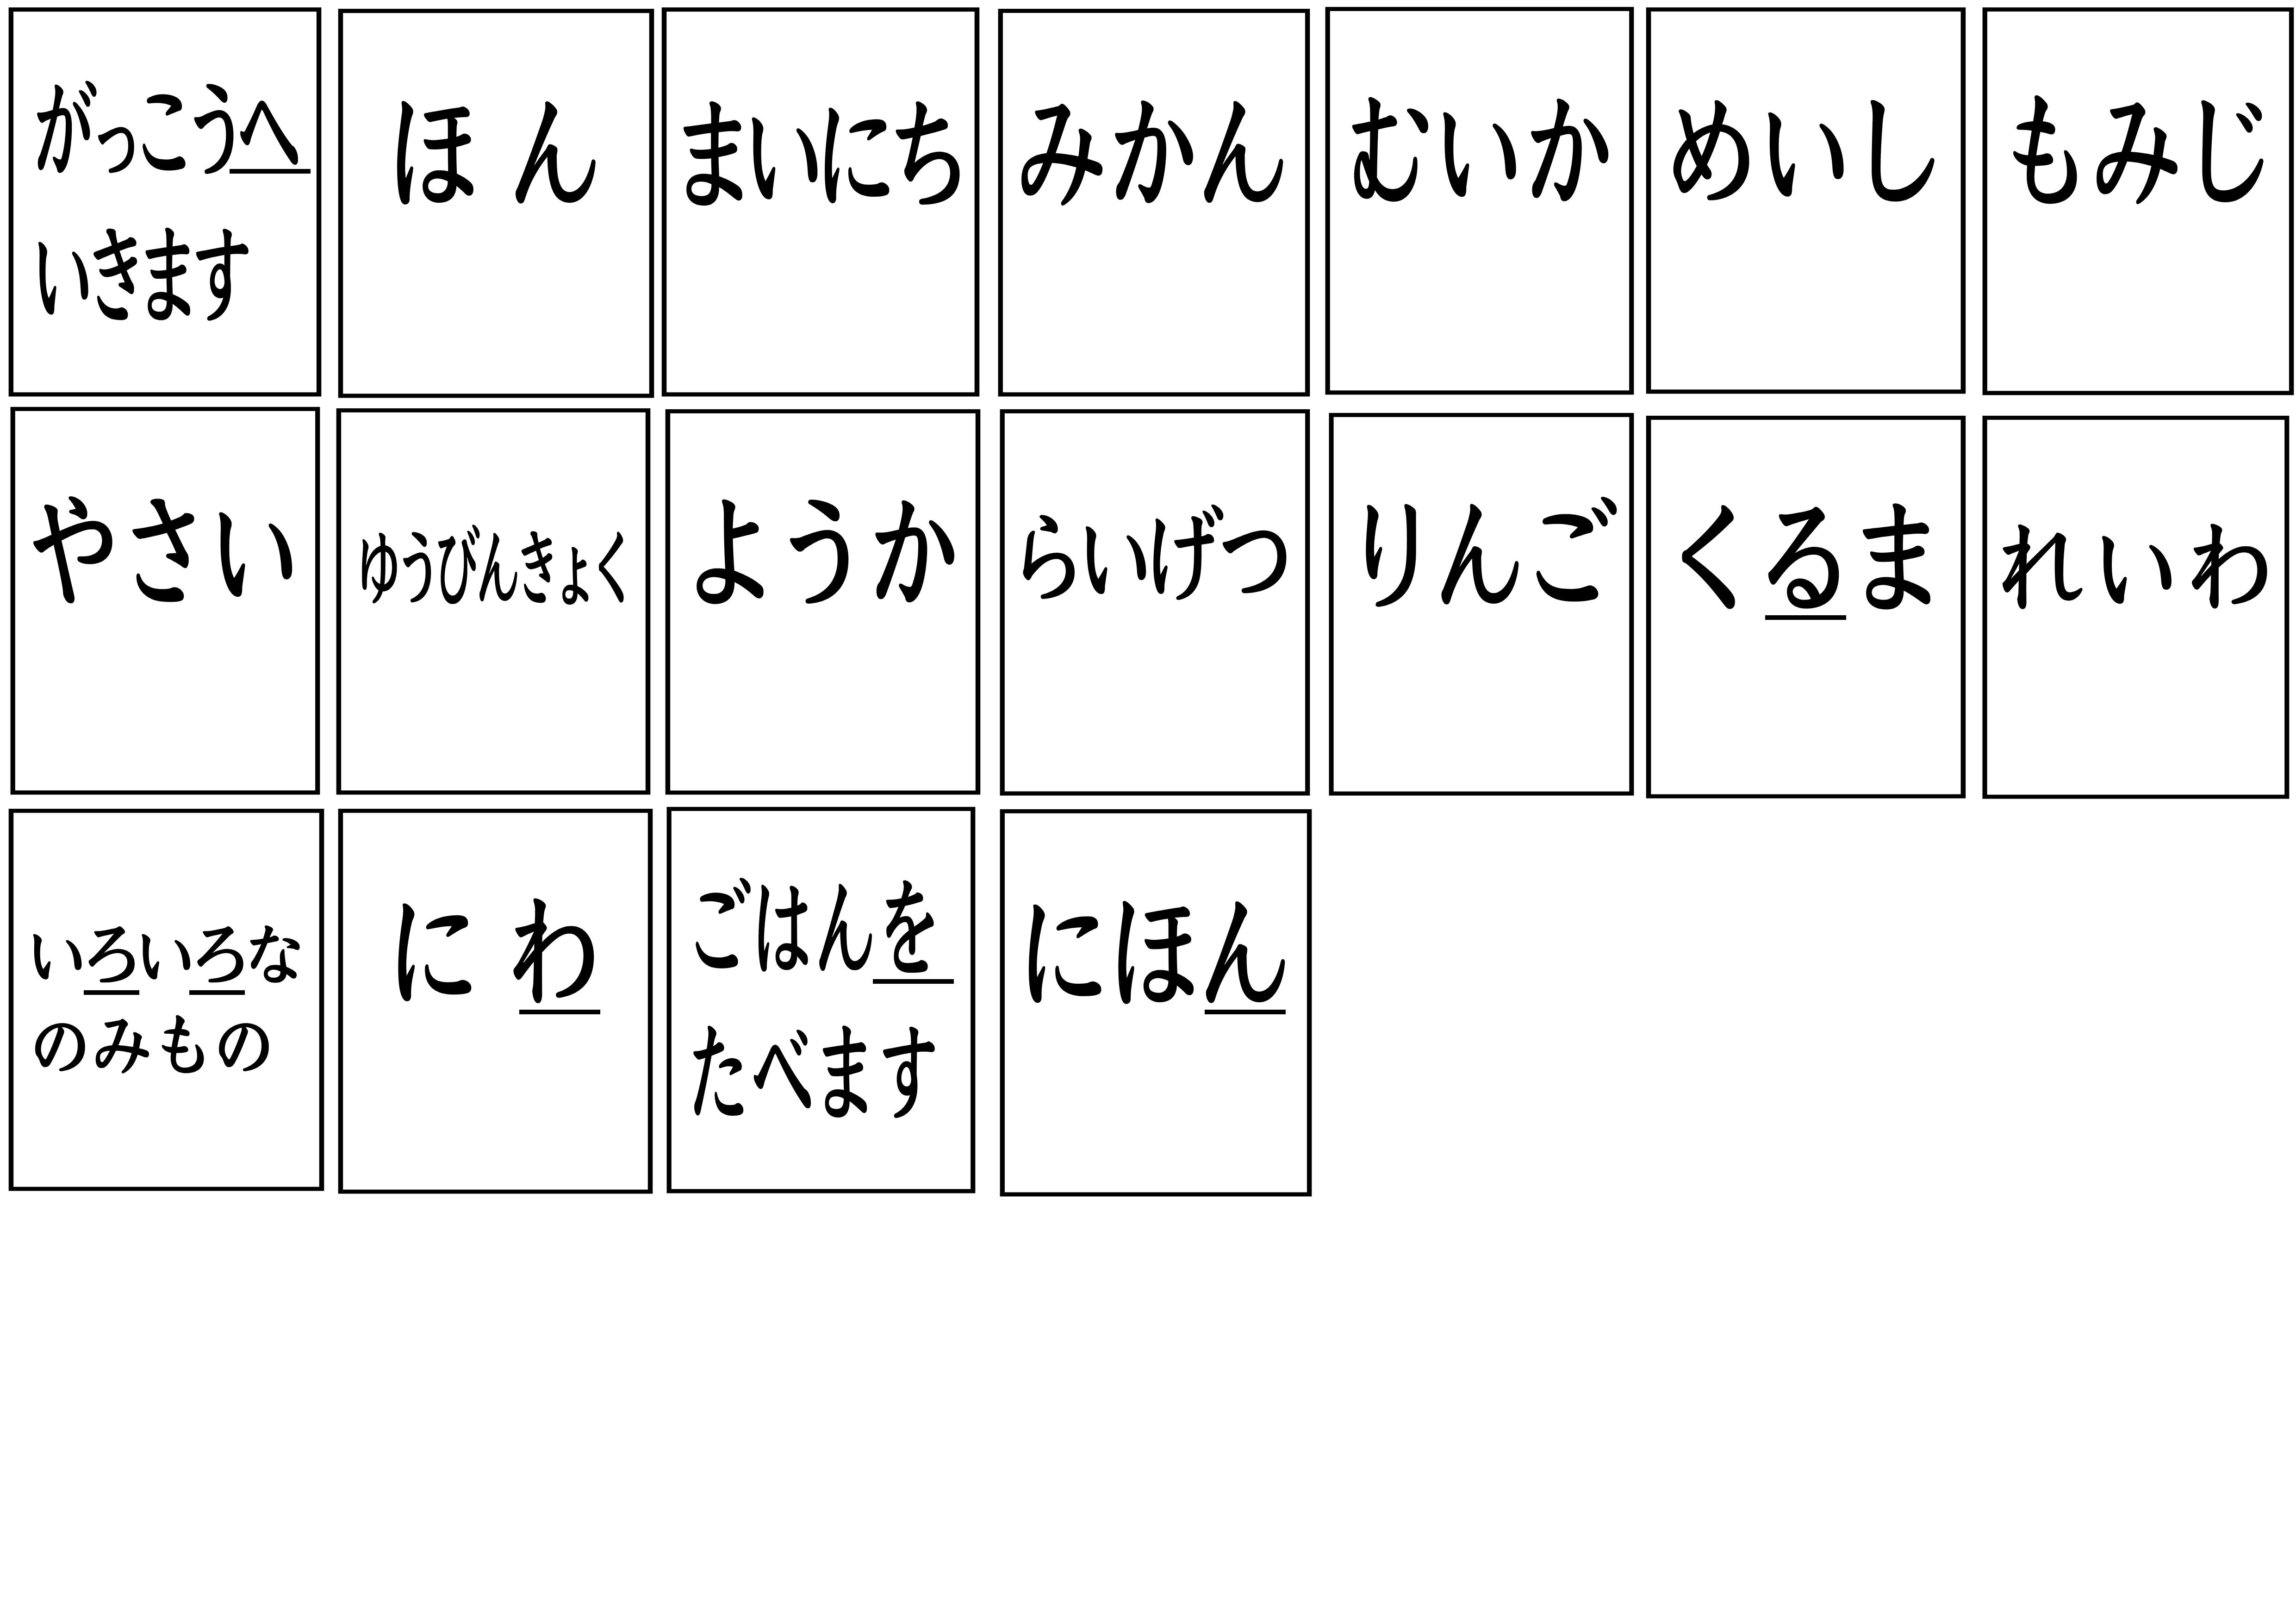 日本語教師学習教材【カルタゲーム】